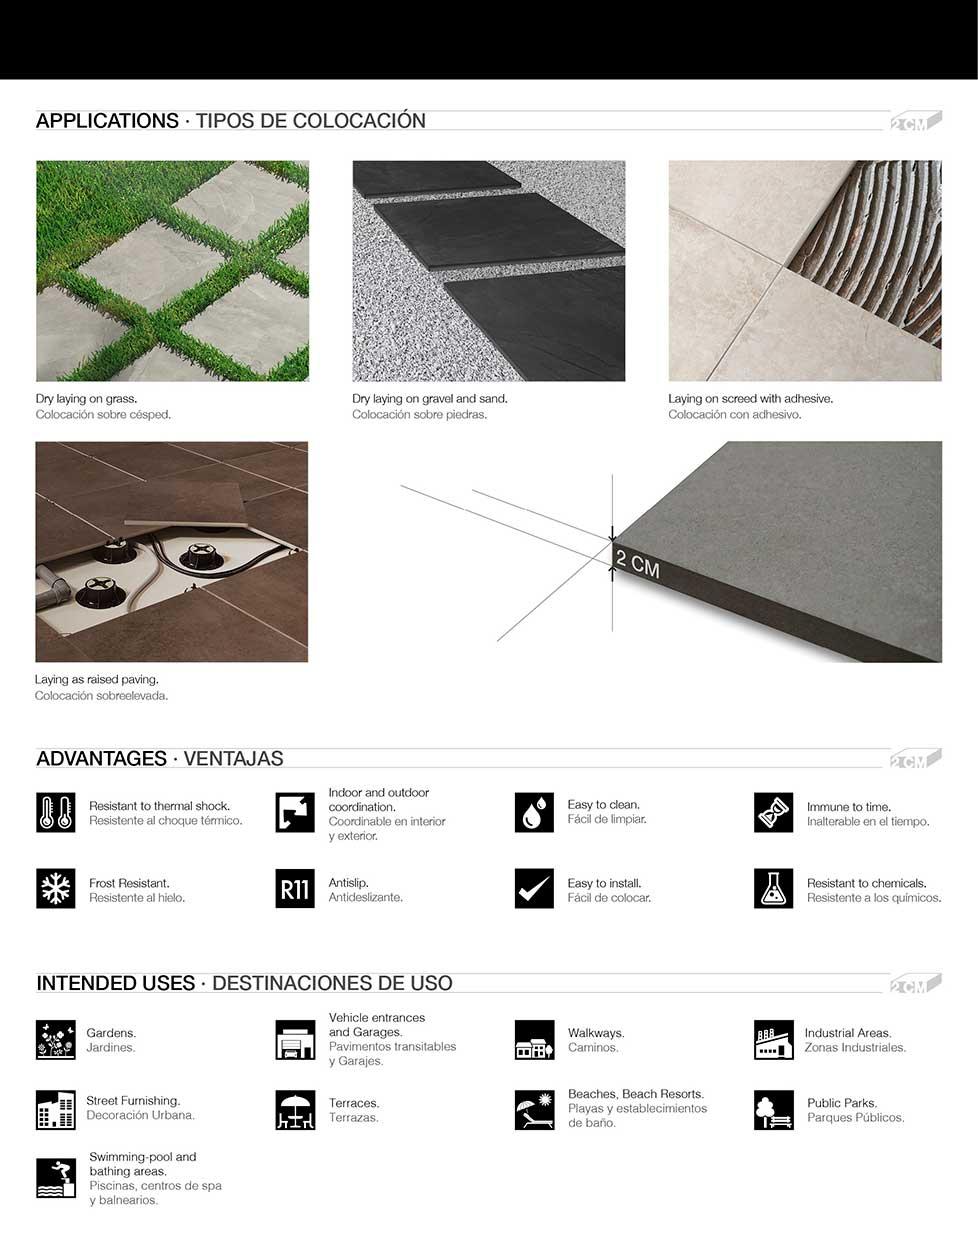 Soluciones arquitectónicas